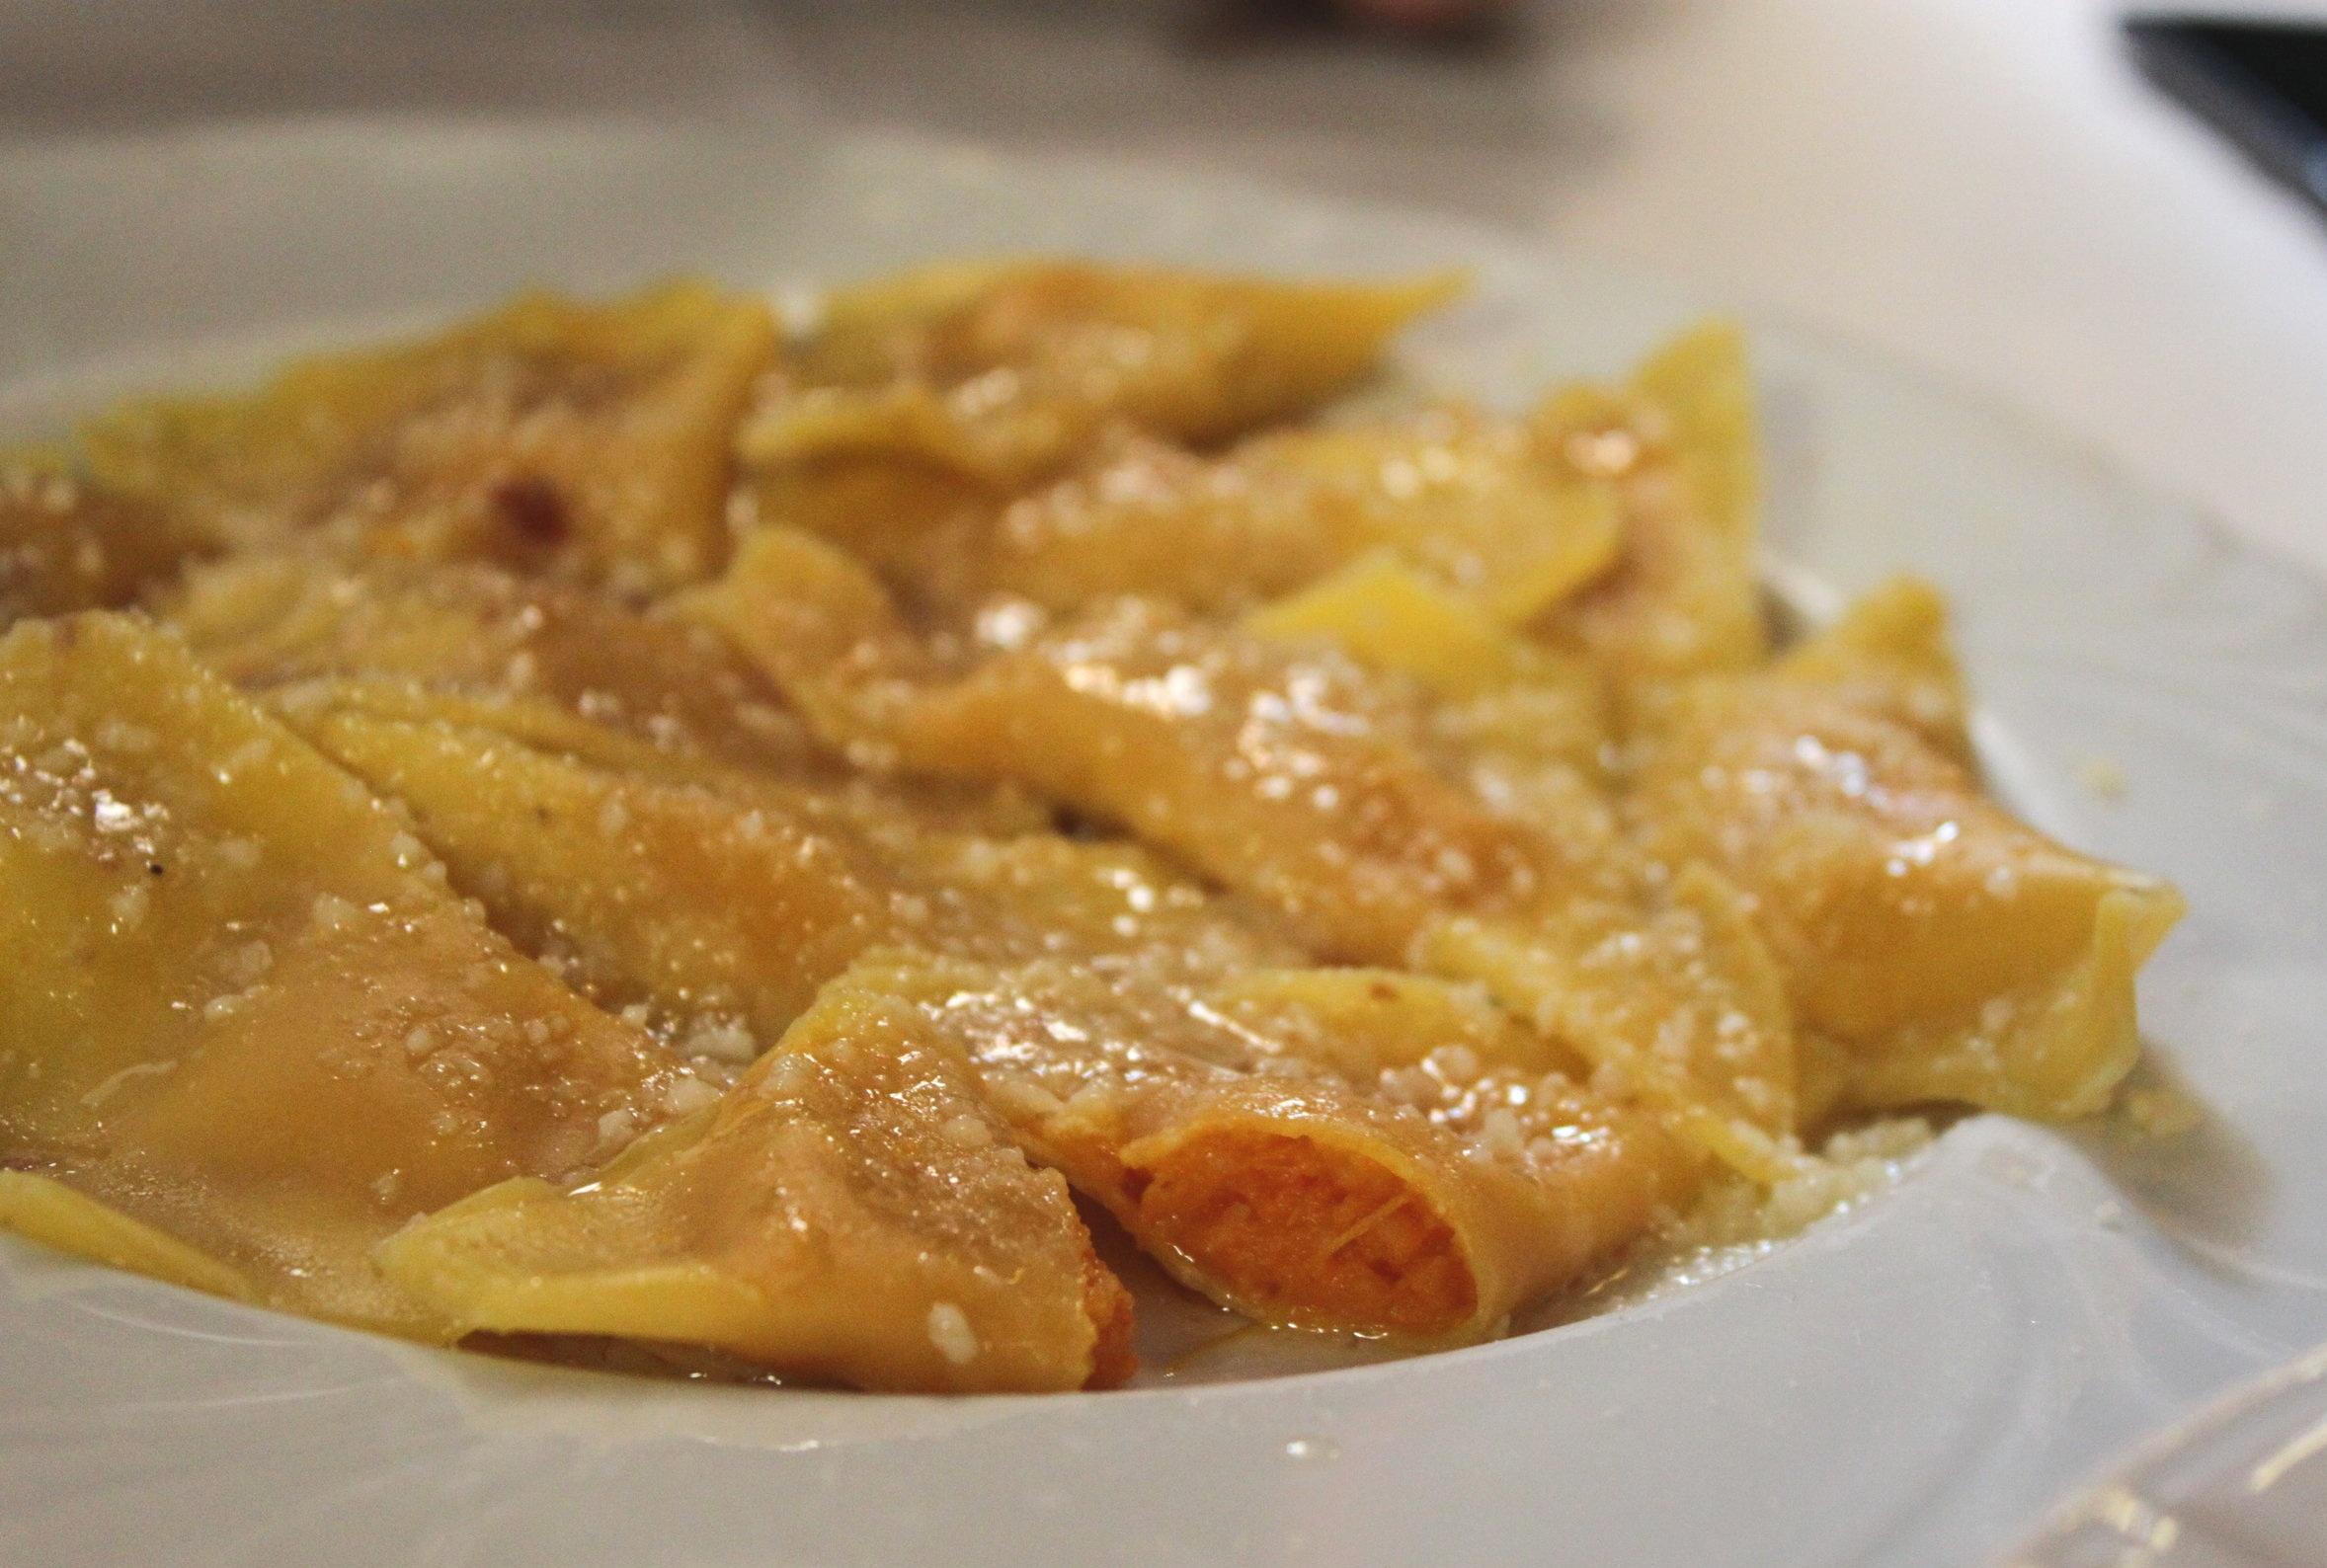 Cappellacci di zucca- squash filled pasta, an Emilia-Romagna delicacy naturally vegetarian!